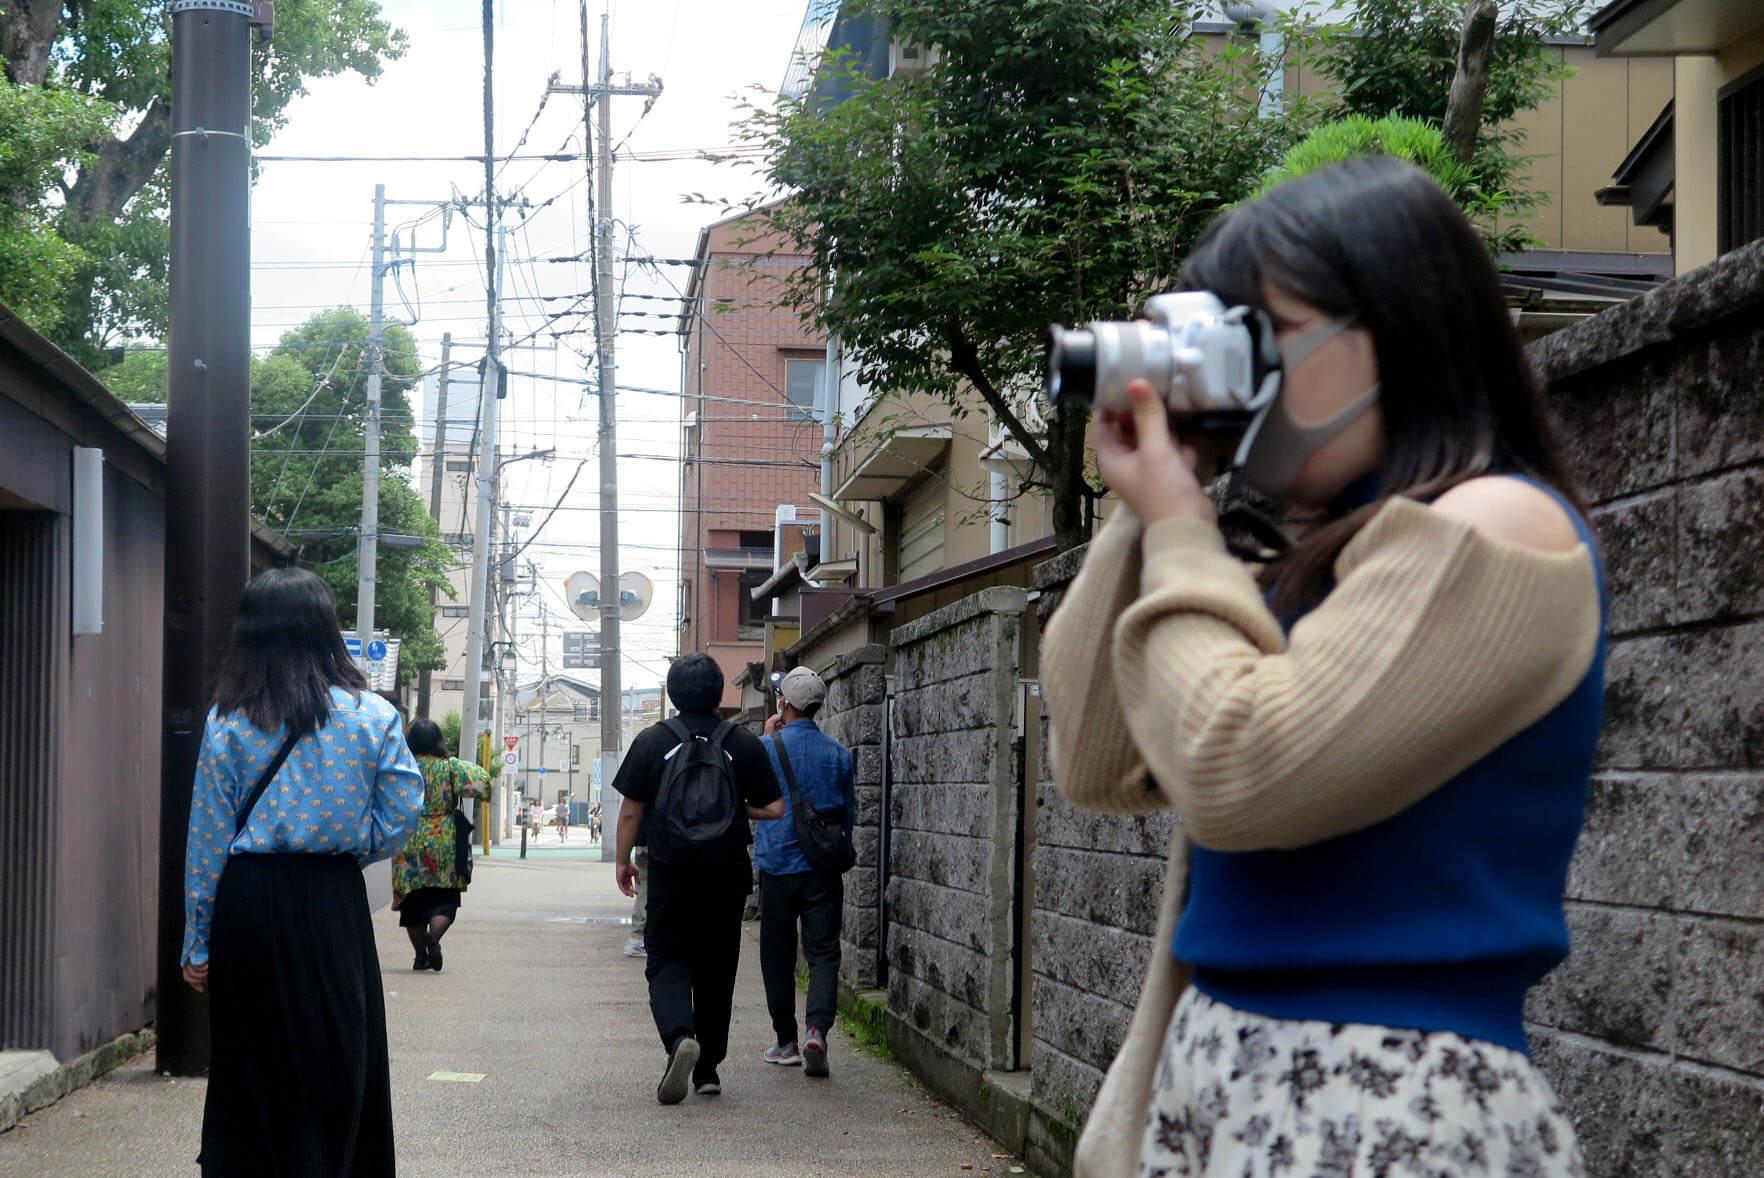 ローカルWEBメディア・地域サイト 草加ローカルストーリー 草加カメラ部 草加レポート 旧日光街道への道と女性